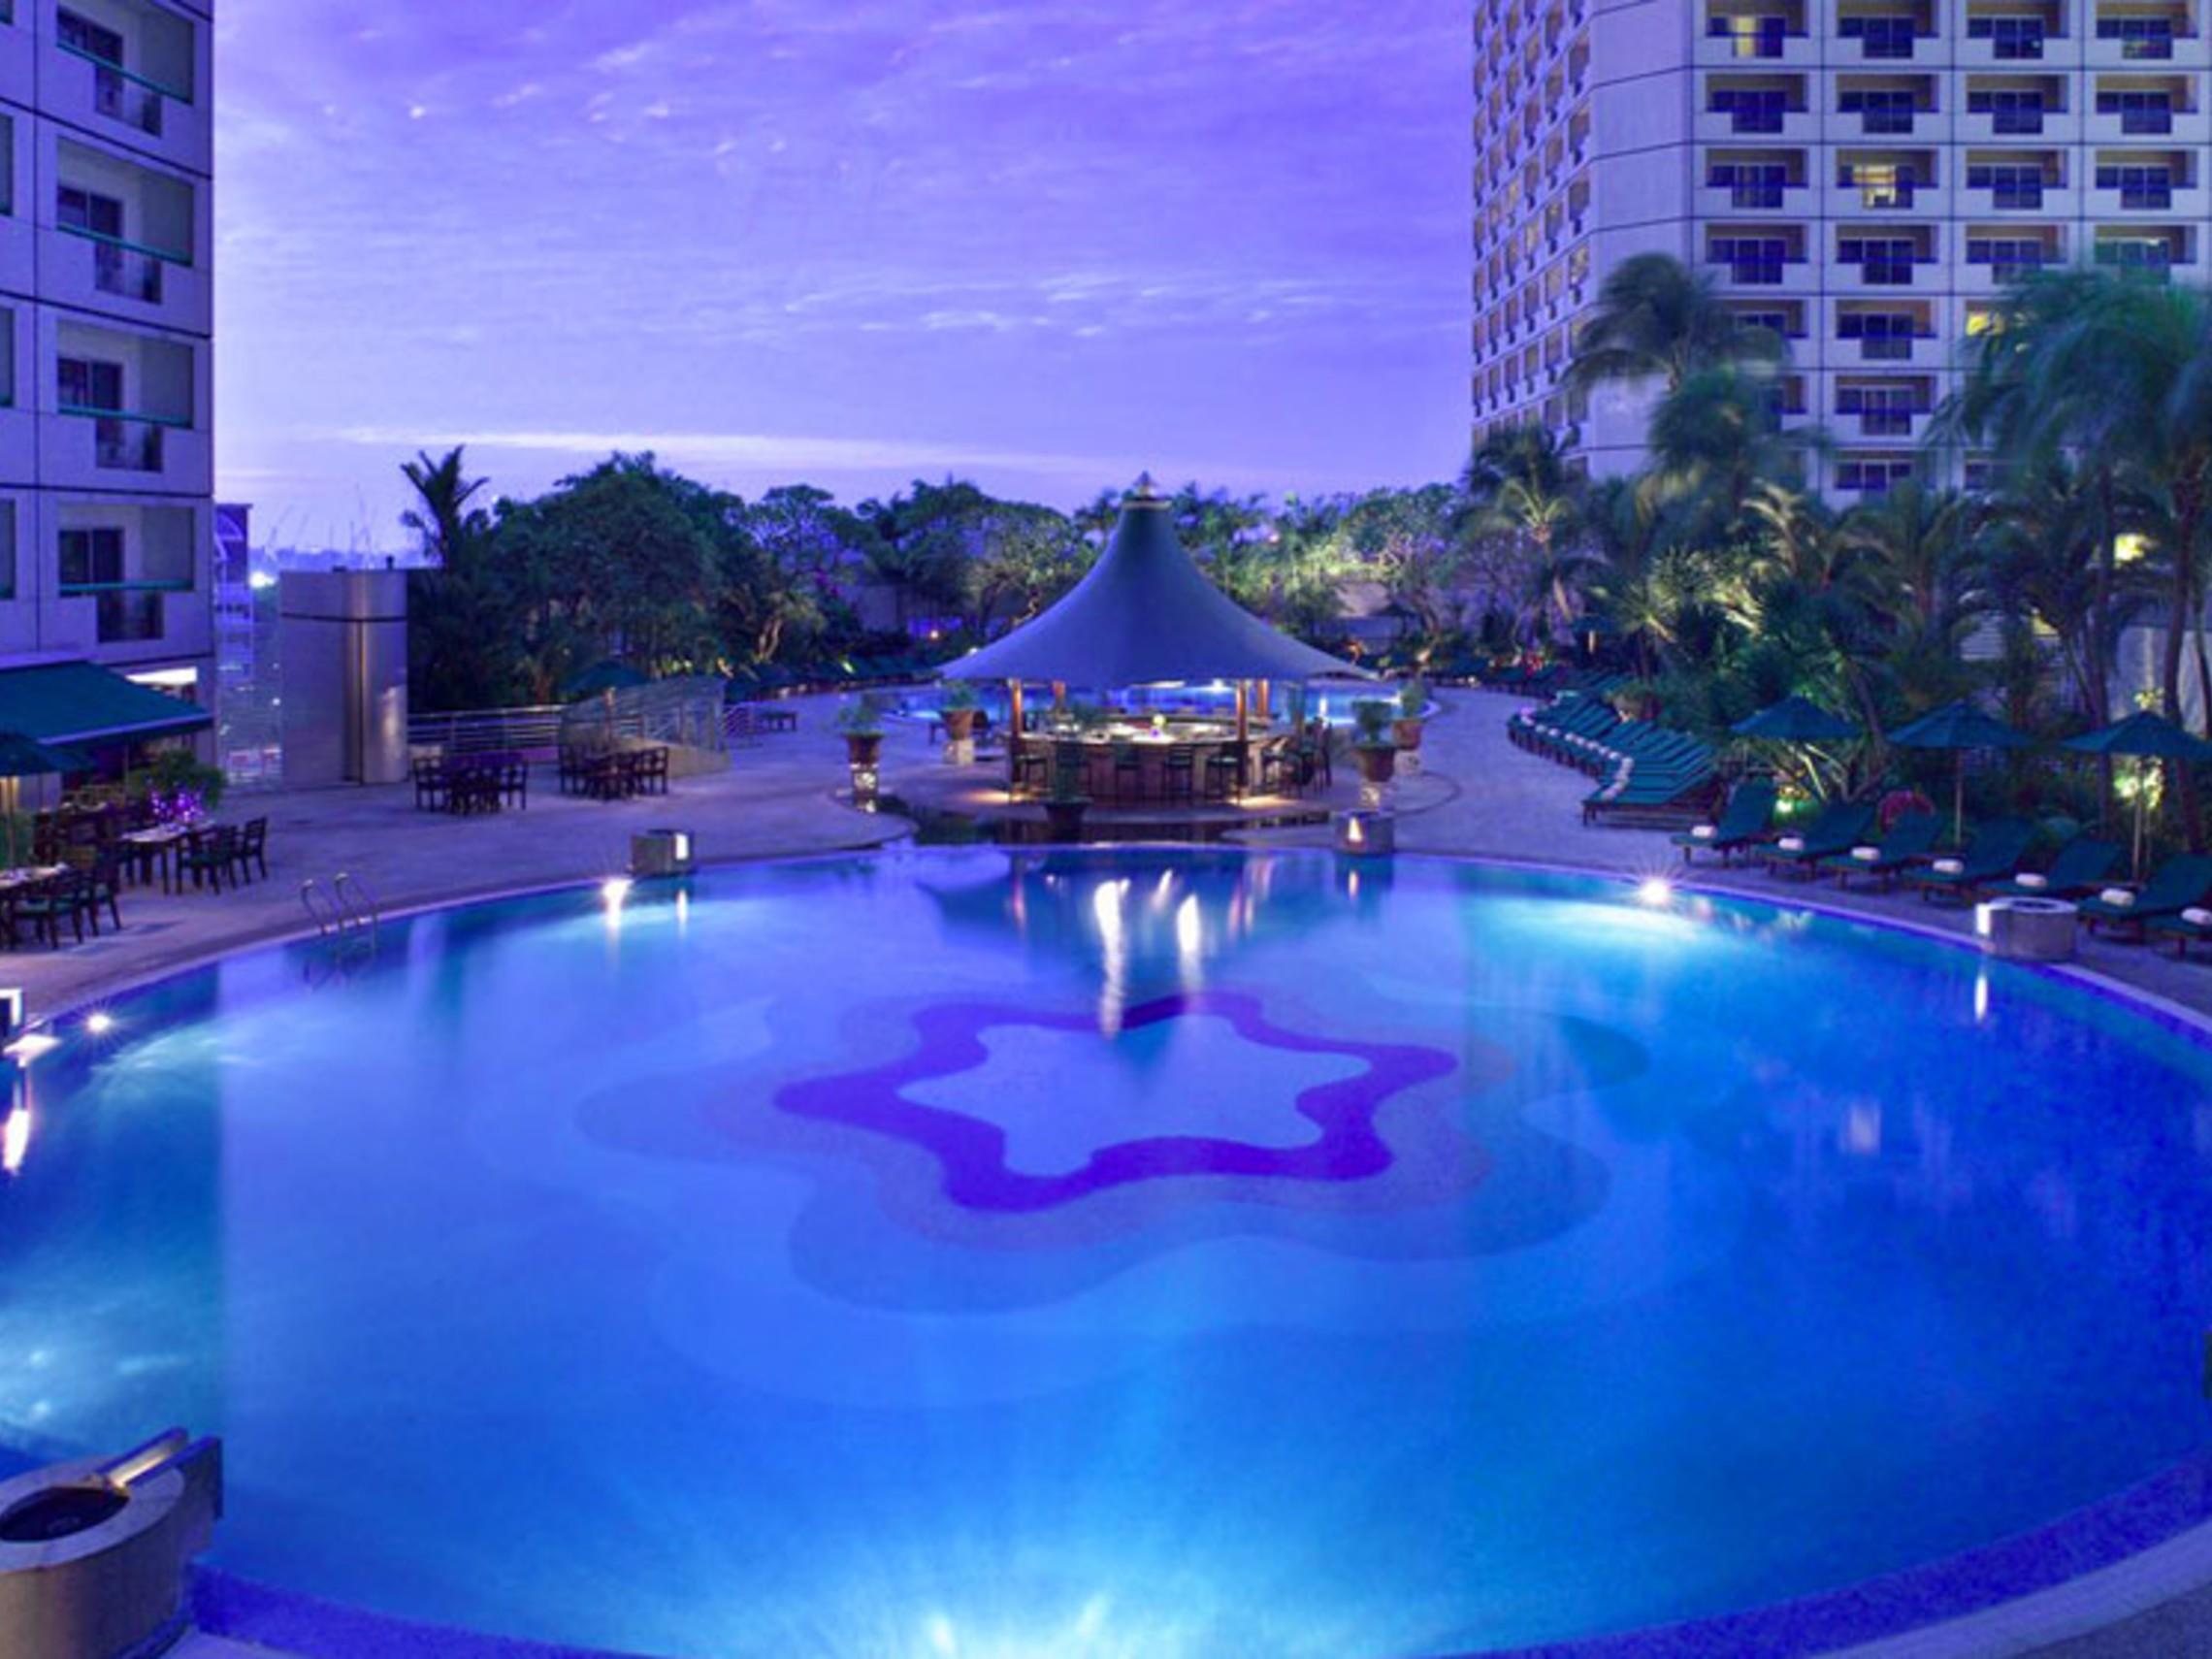 Singapore Fairmont Pool Good